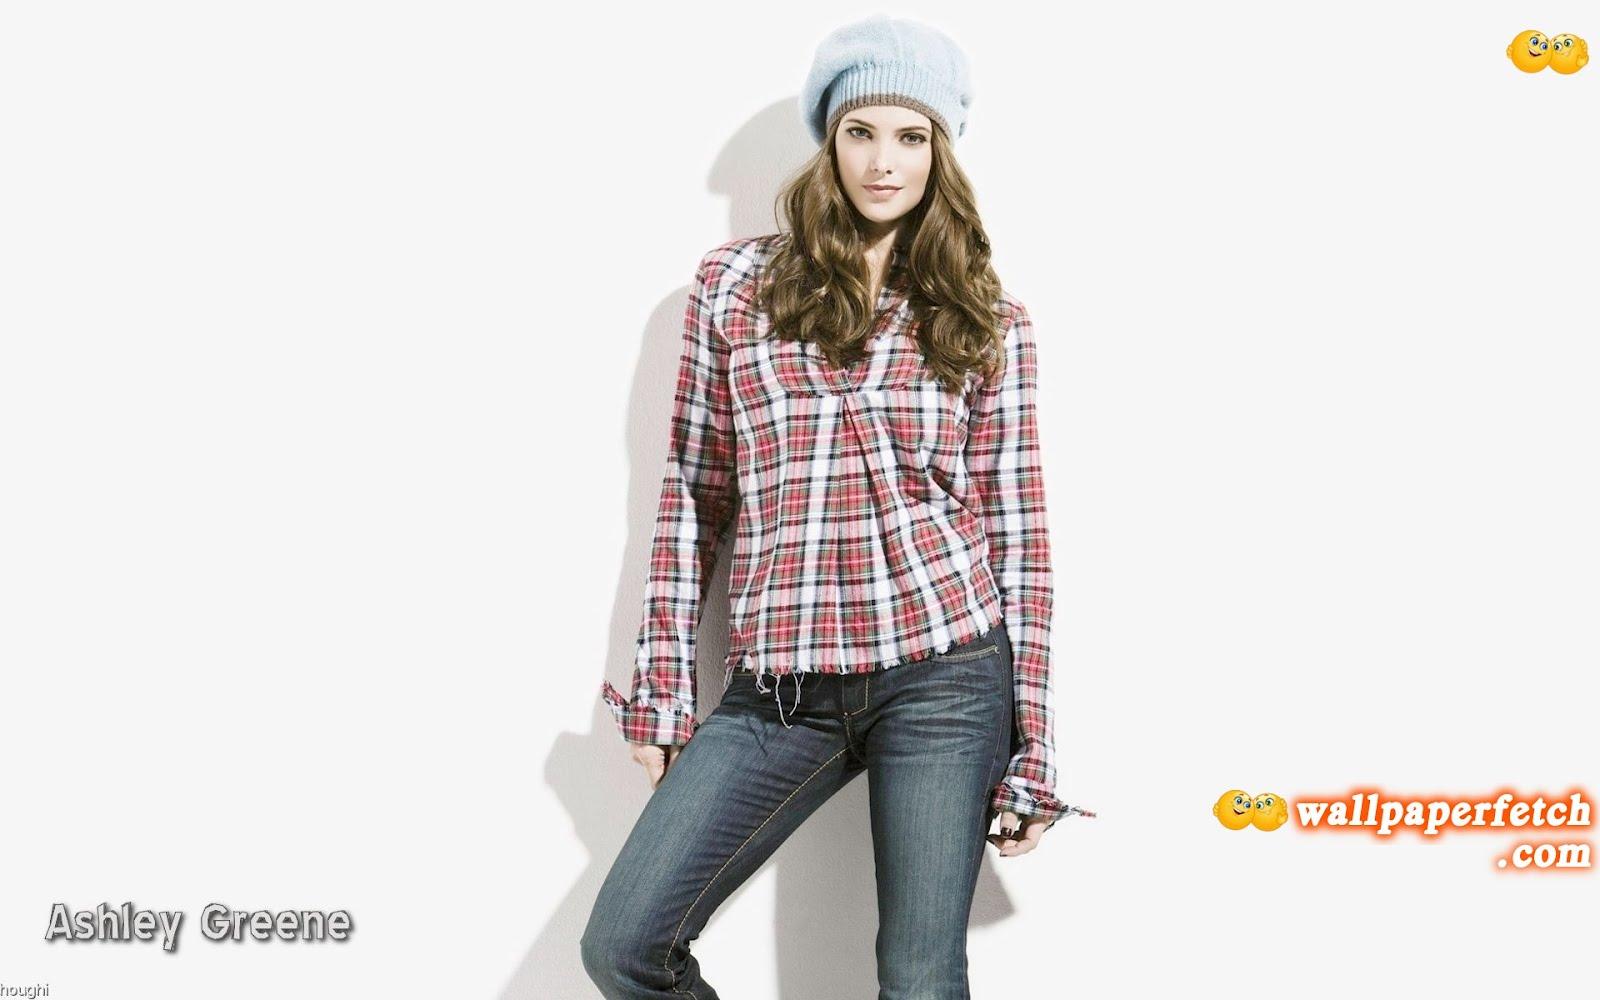 http://1.bp.blogspot.com/-eDhaBQAwv-A/UArW0VTLAzI/AAAAAAAAGkI/1bGyJUCvk_M/s1600/ashley-greene-beautiful-girl_1920x1200_90008.jpg